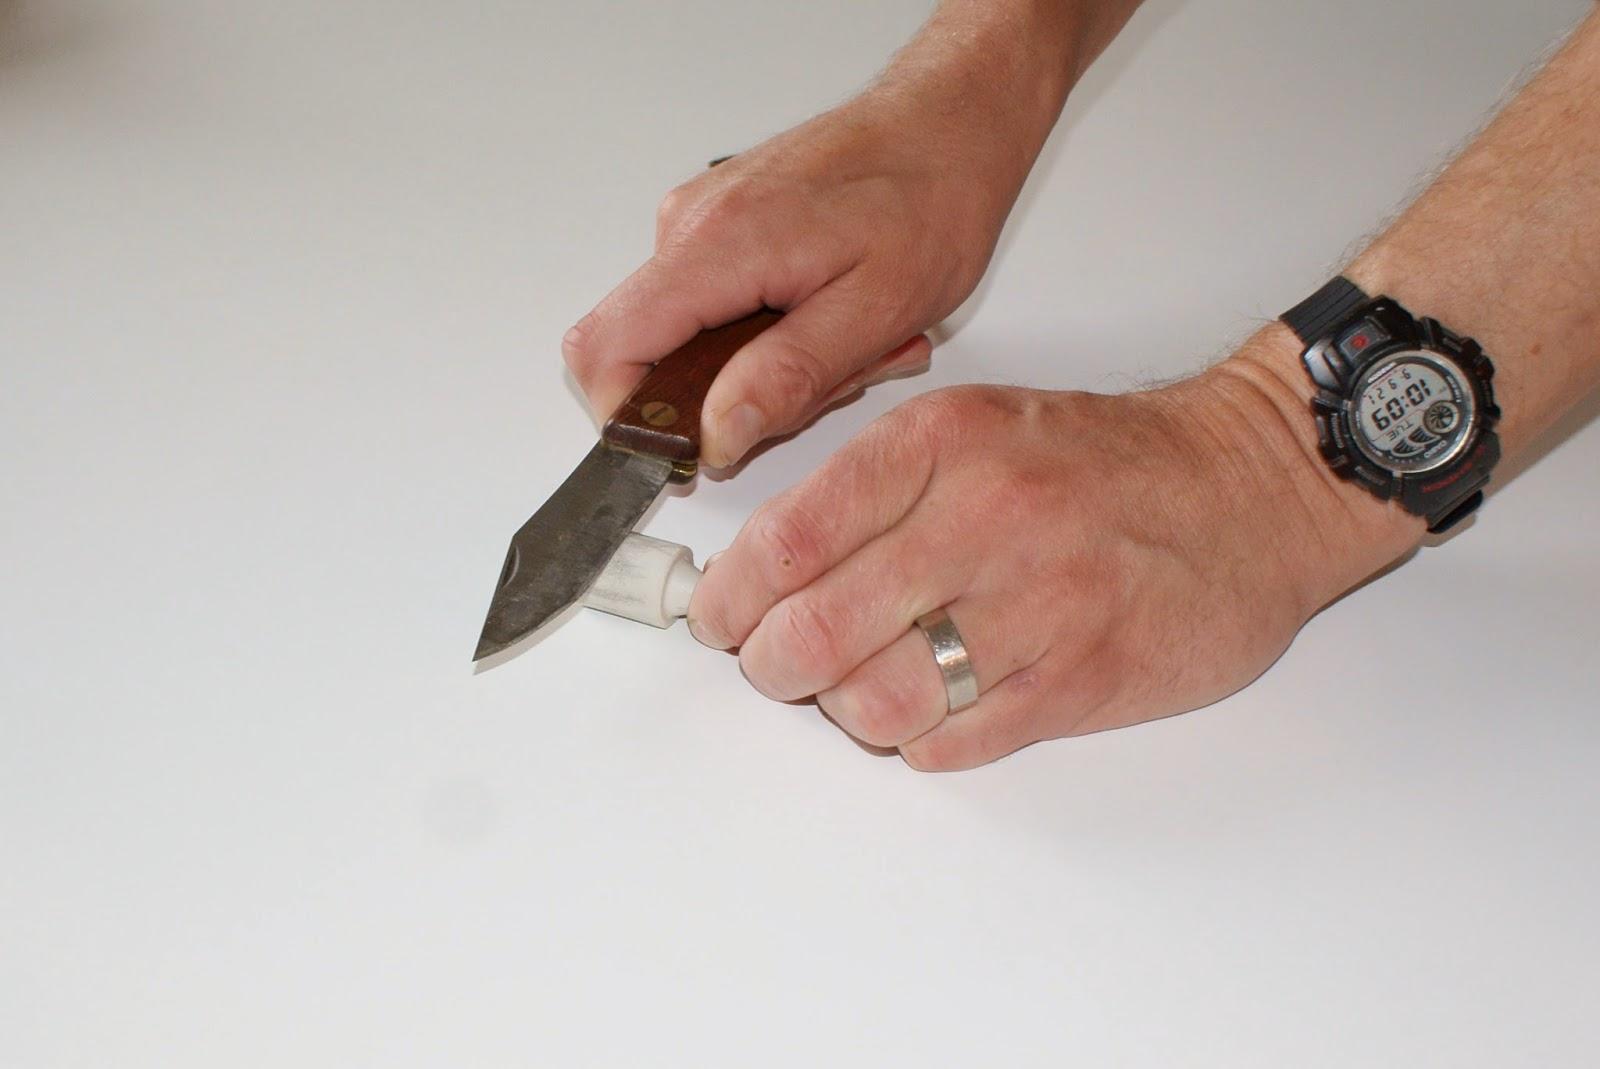 Slipa kniven